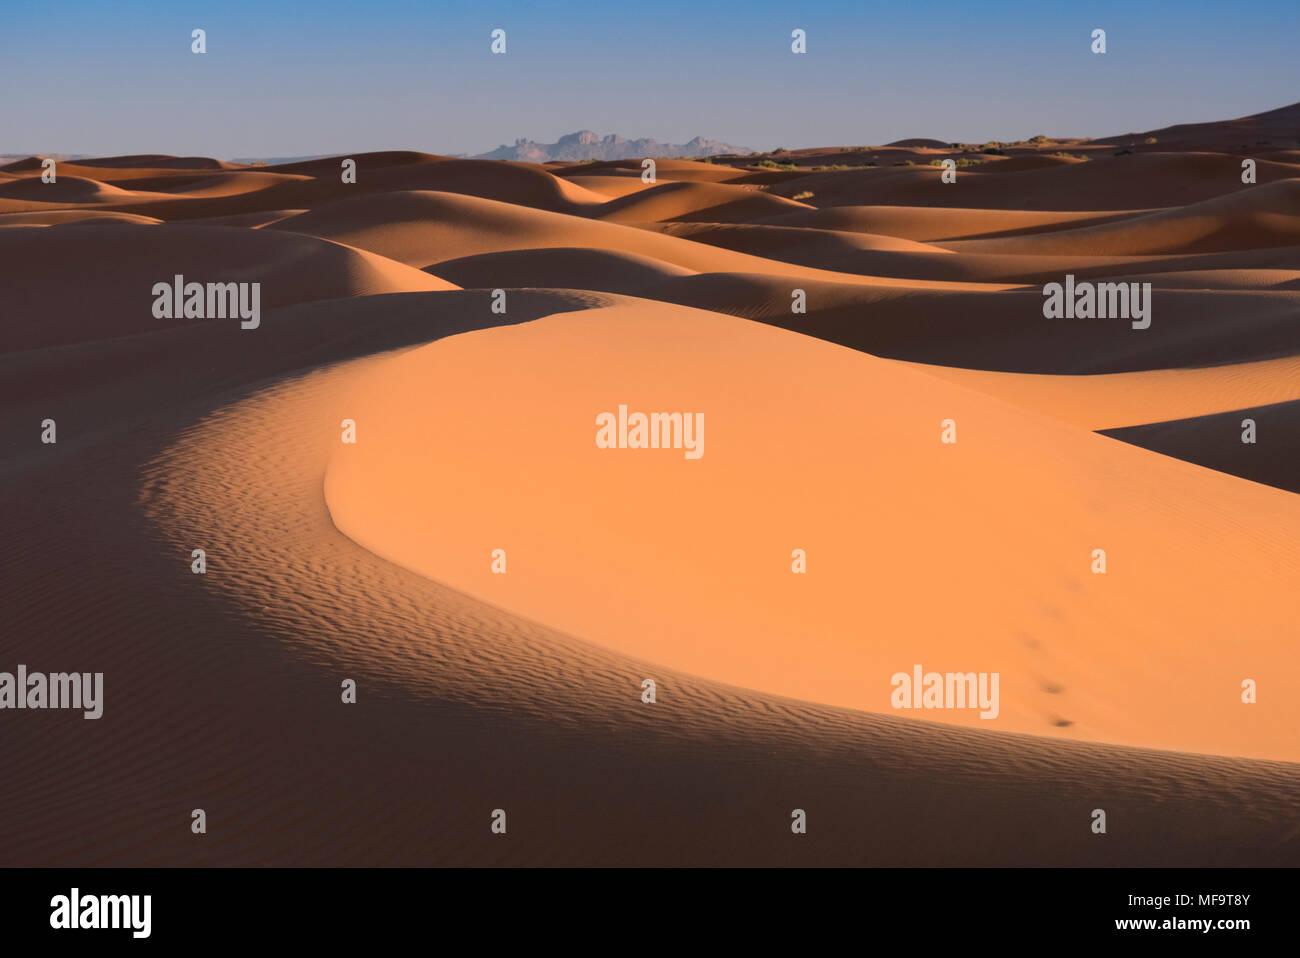 Mare di sabbia, Erg Chebbi dune del deserto, Sahara Occidentale, Marocco Immagini Stock